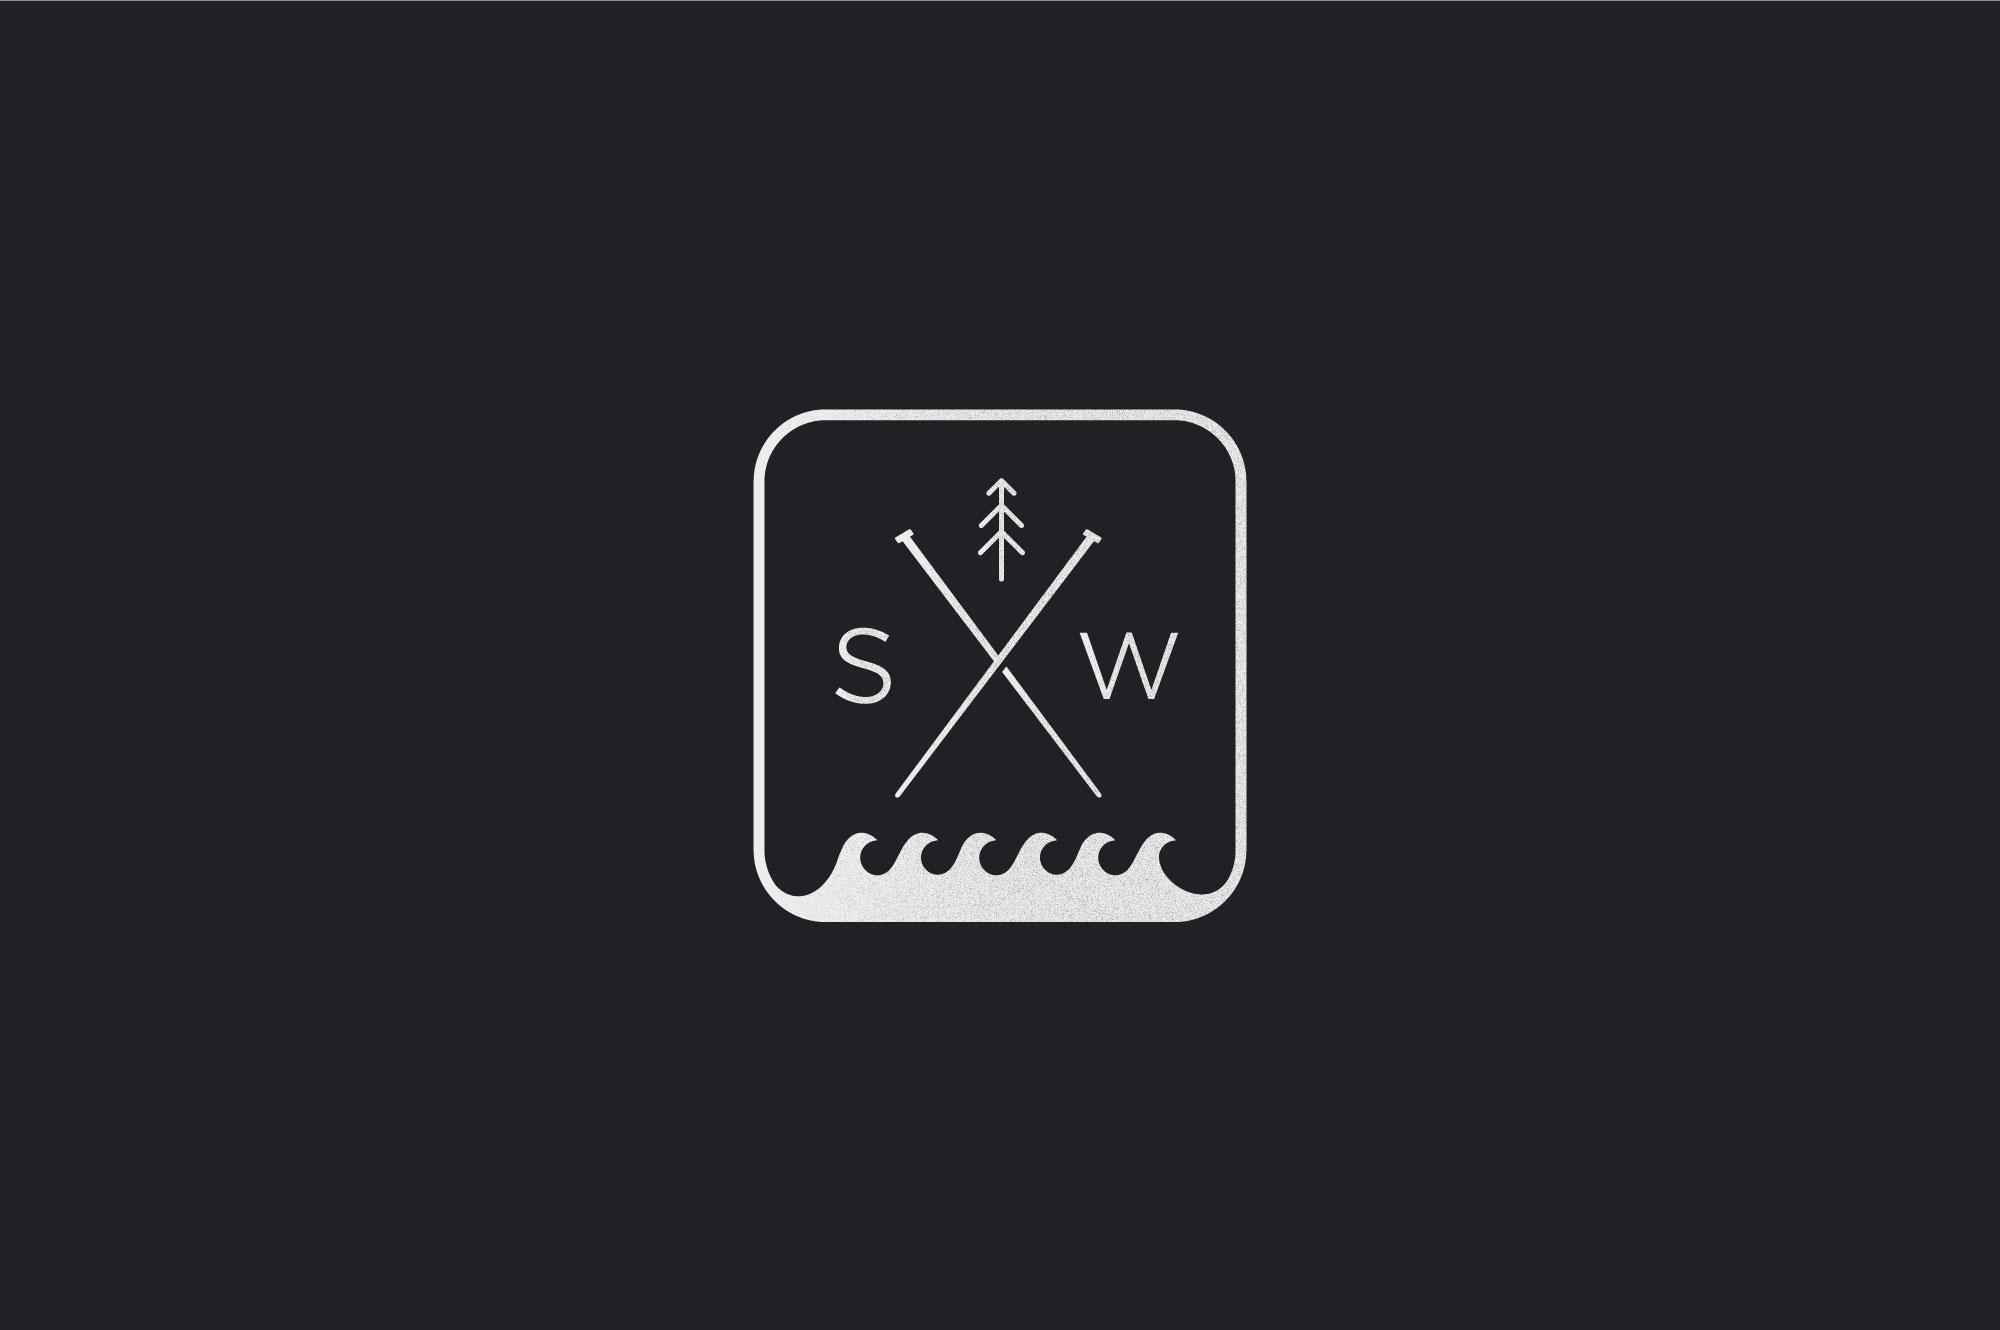 Salt & Wool – Visual Identity